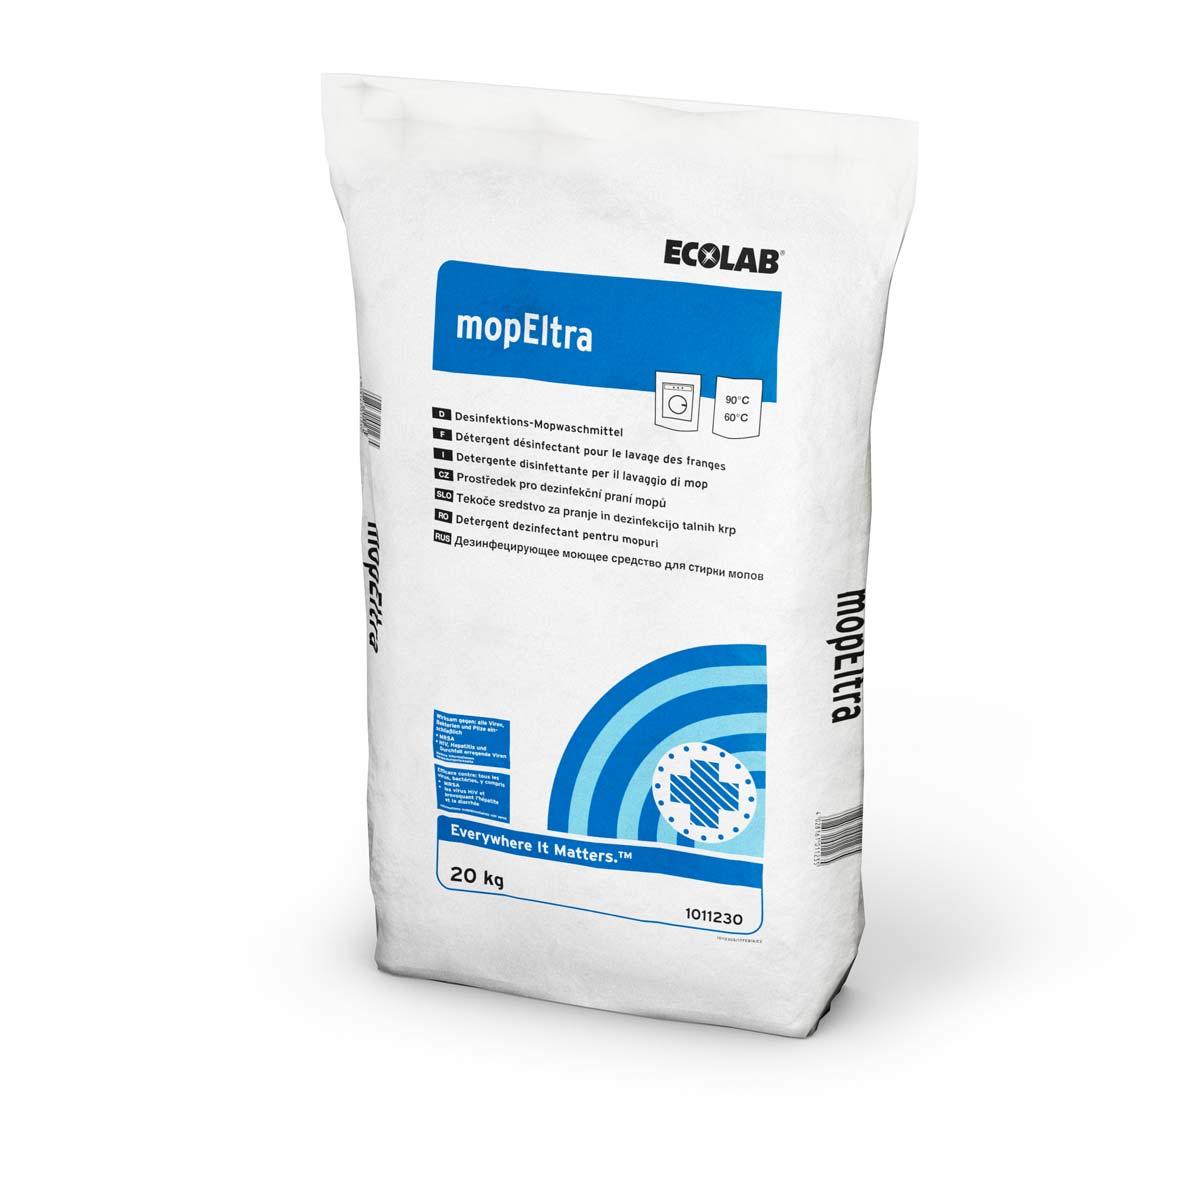 mopEltra | 20 kg   | Desinfektions-Mopwaschmittel, gelistet für die chemothermische Wäschedesinfektion gemäß RKI und VAH/DGHM bei 60°C